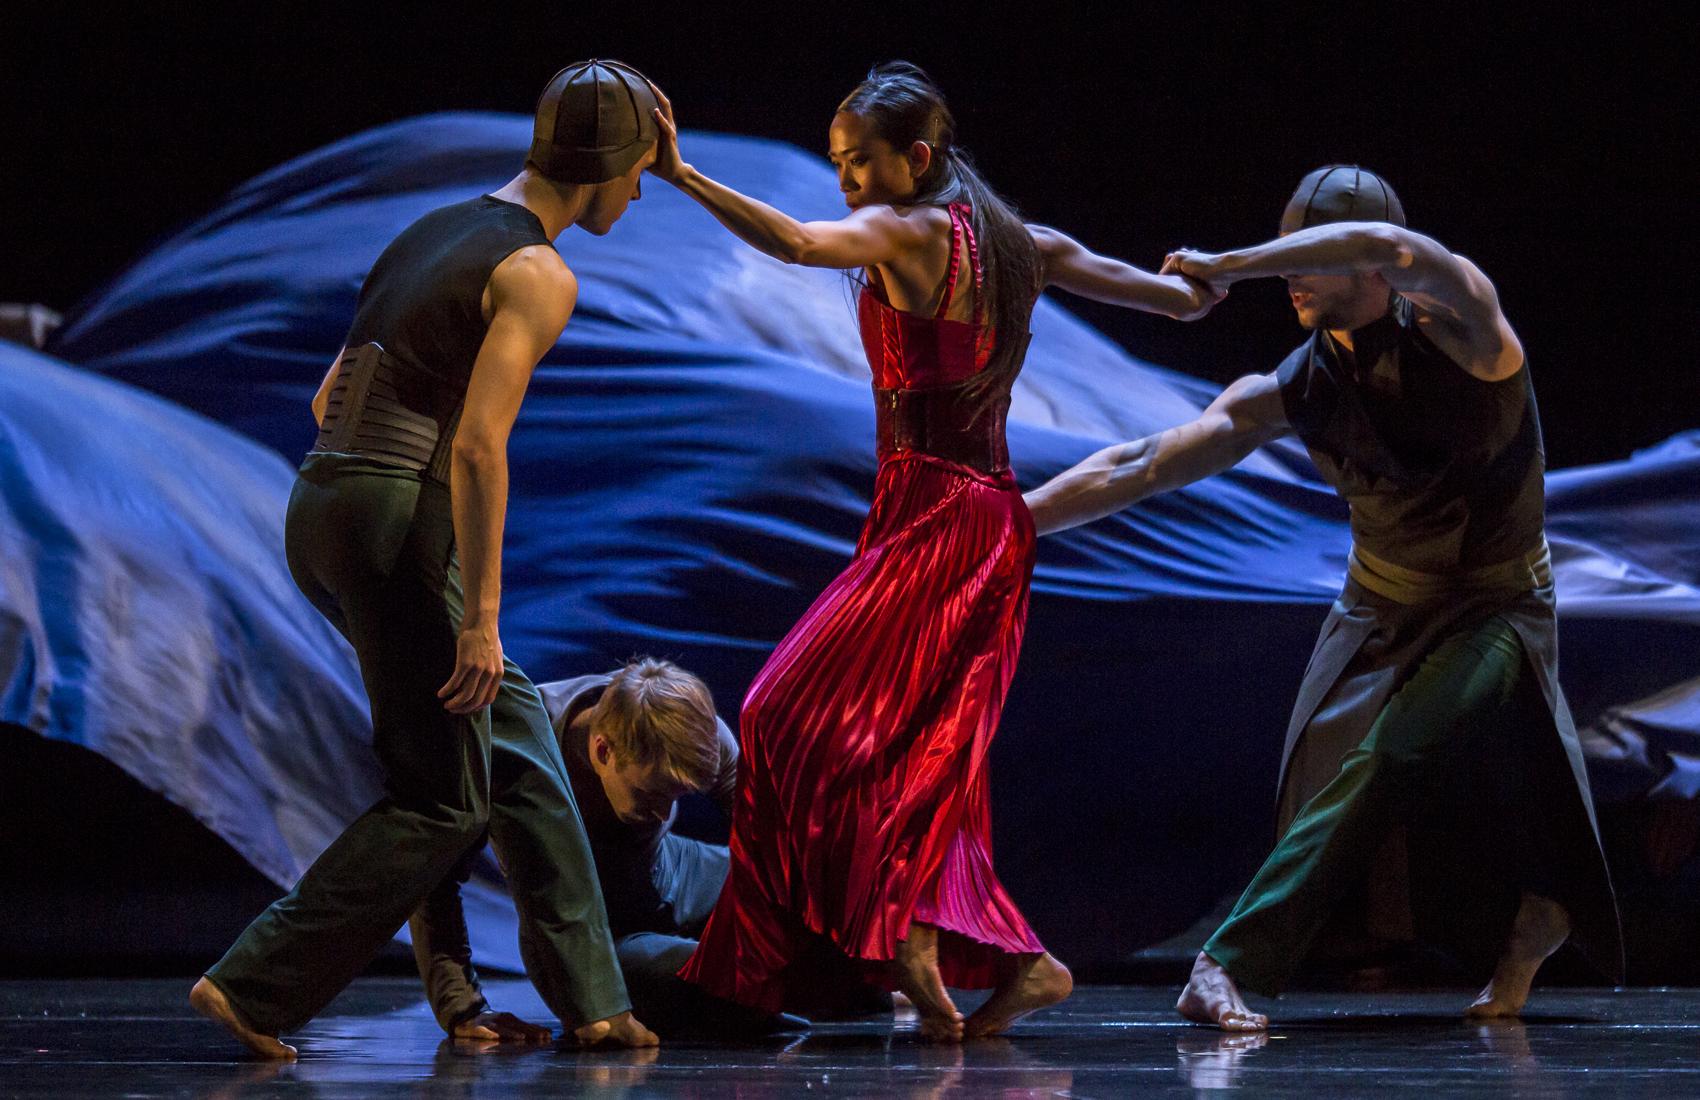 El arte del movimiento con Madrid en Danza